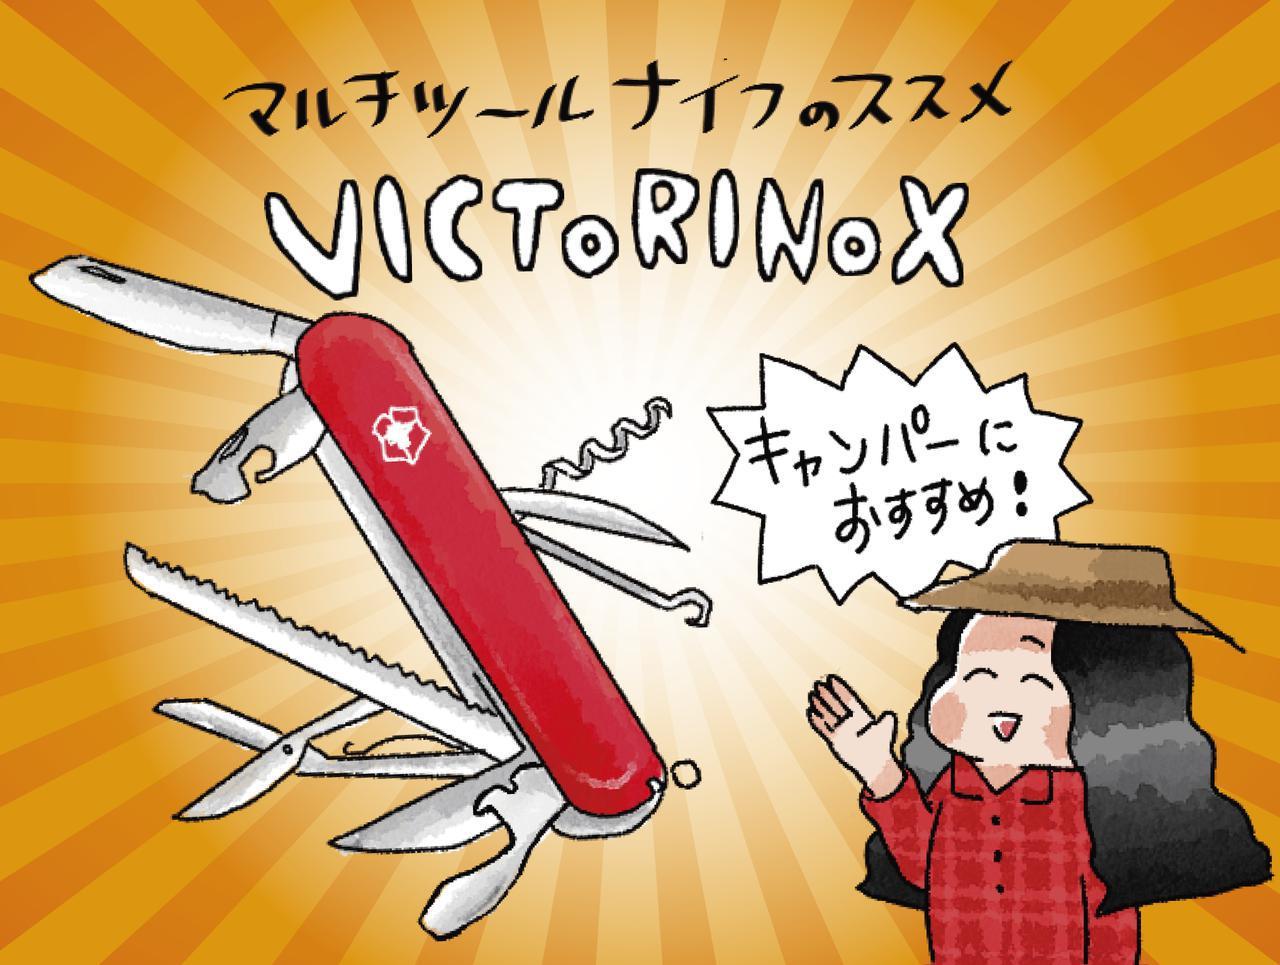 画像: 【筆者愛用】ビクトリノックスナイフはキャンプにおすすめ! 選び方&イチオシを紹介 - ハピキャン(HAPPY CAMPER)